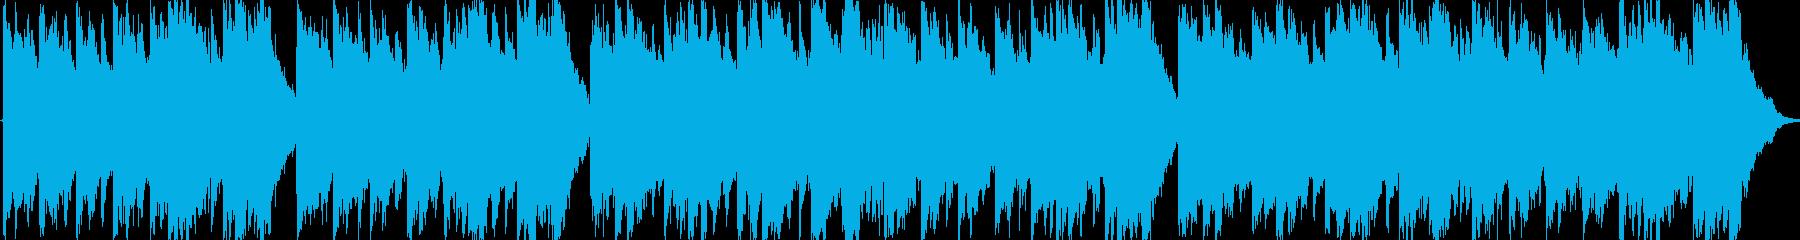 クリーガー作曲のメヌエットですの再生済みの波形